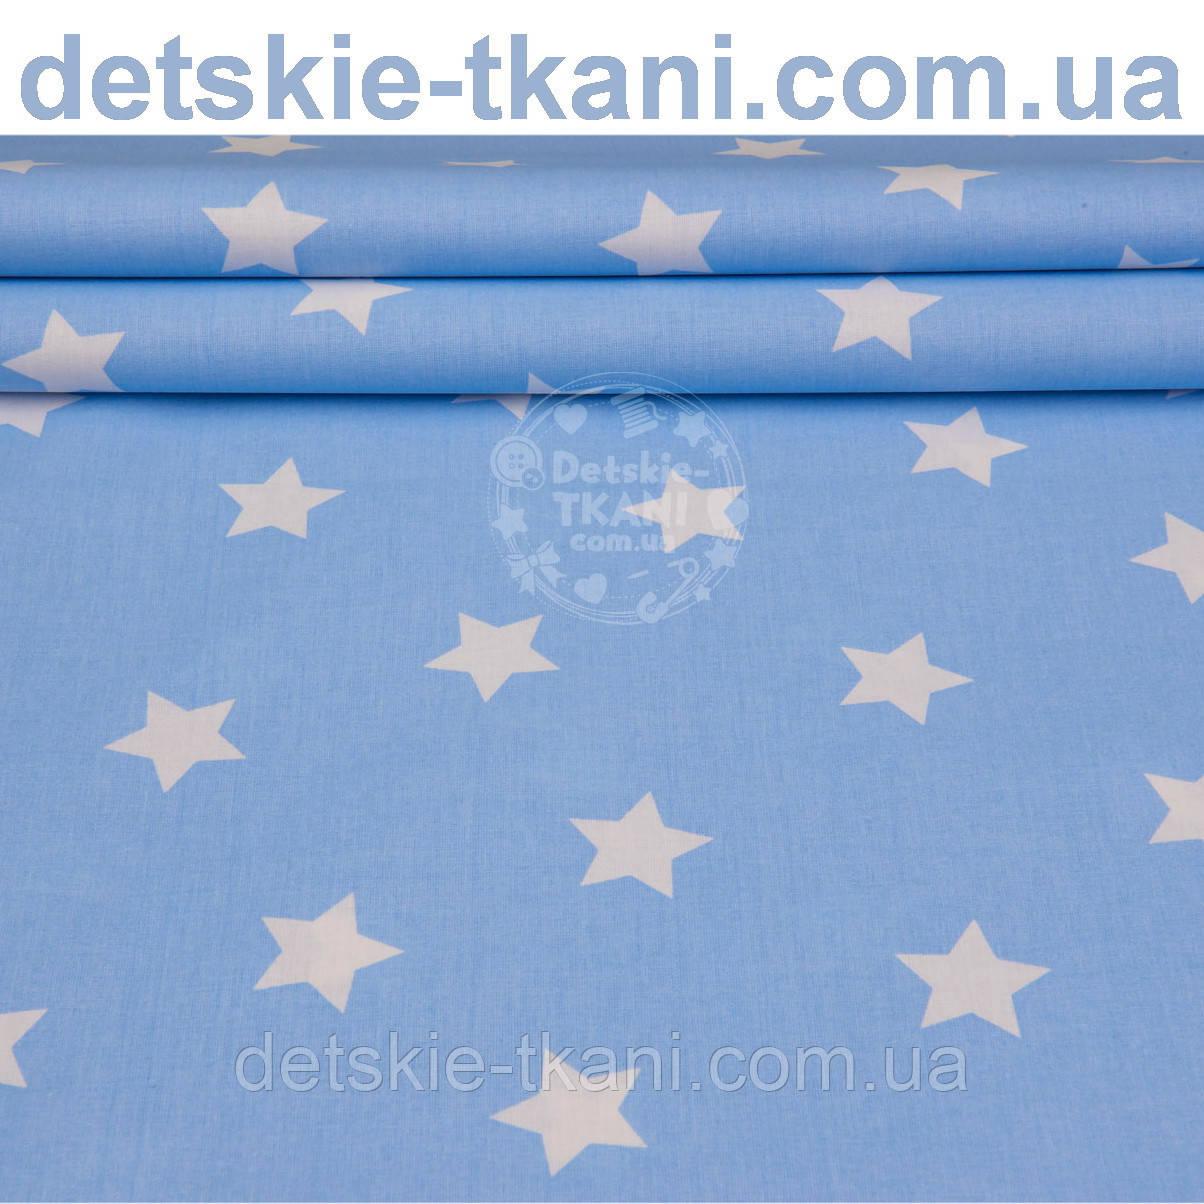 Лоскут ткани с белыми звёздами 3 см на голубом фоне (№1115)